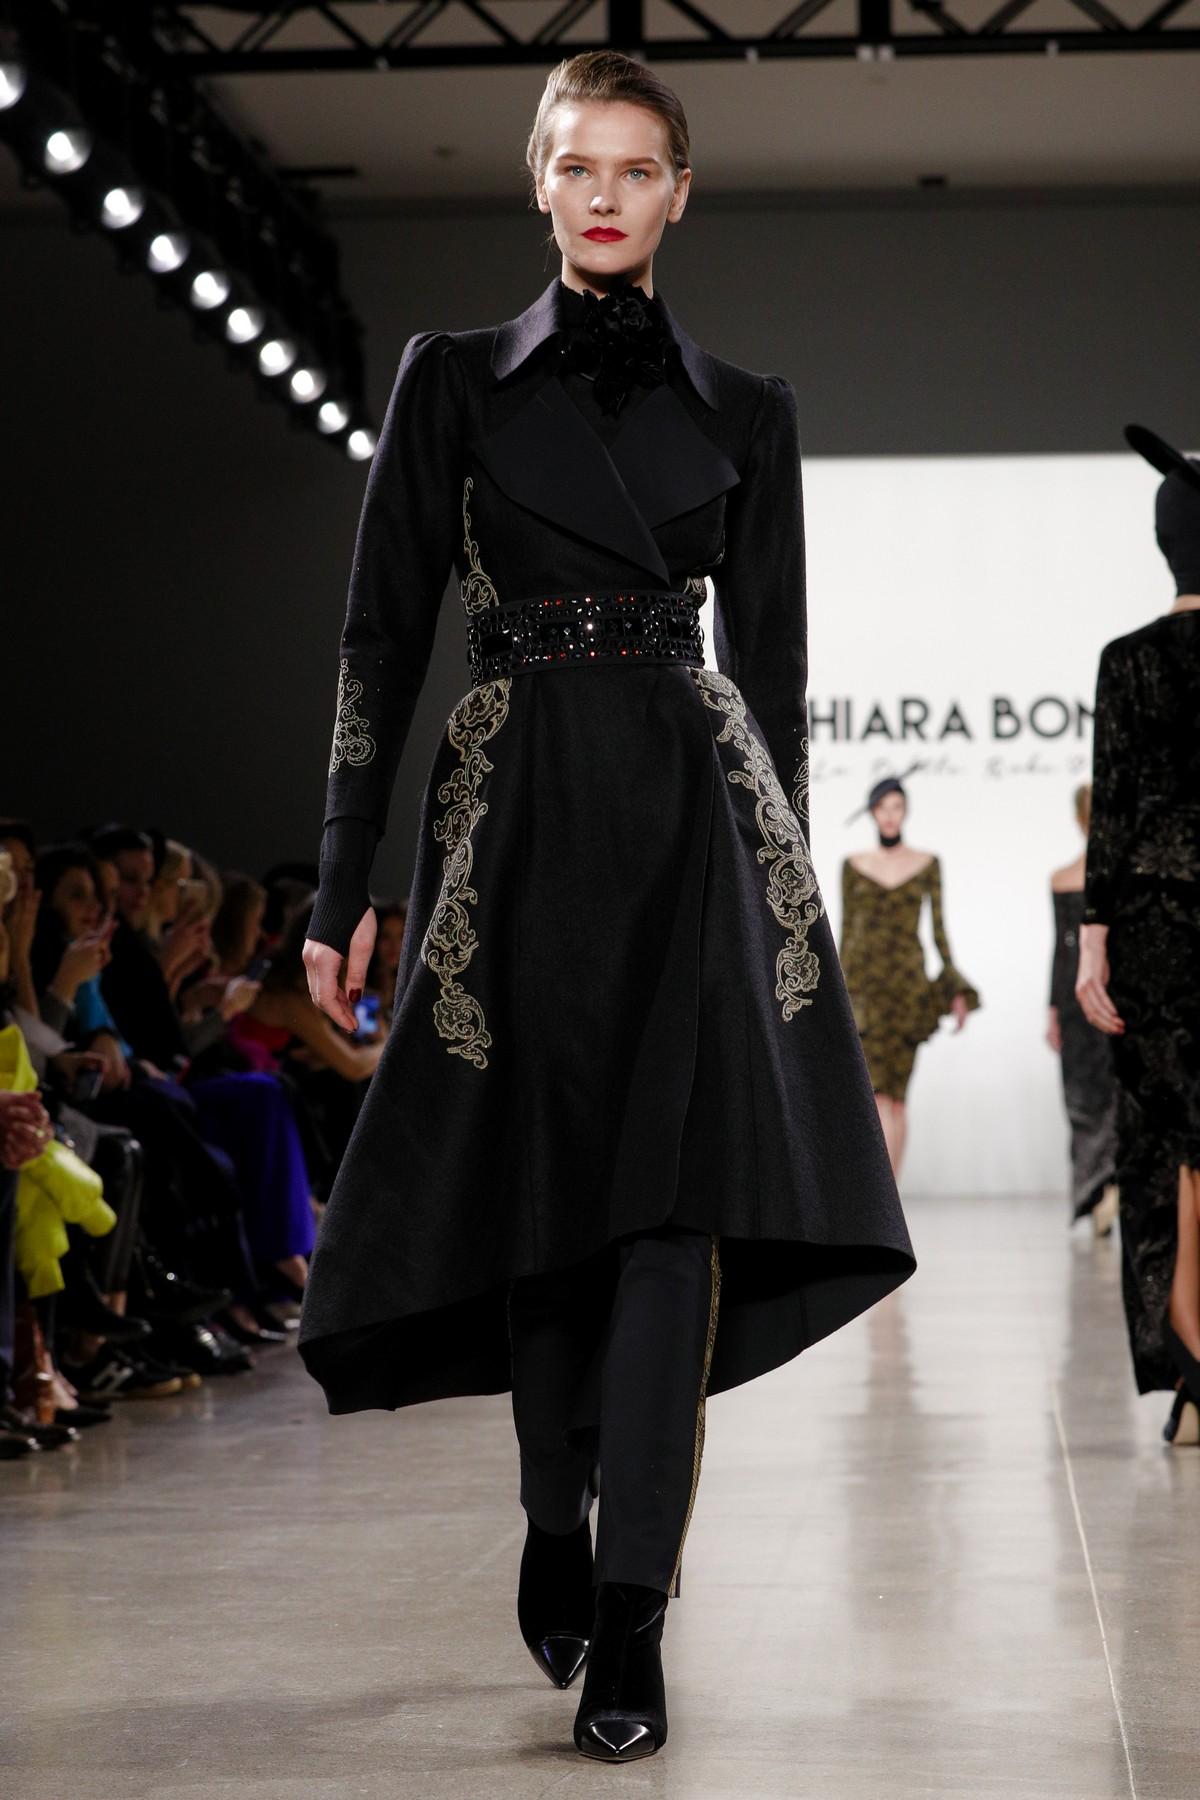 Chiara Boni La Petite Robe autunno inverno 2019